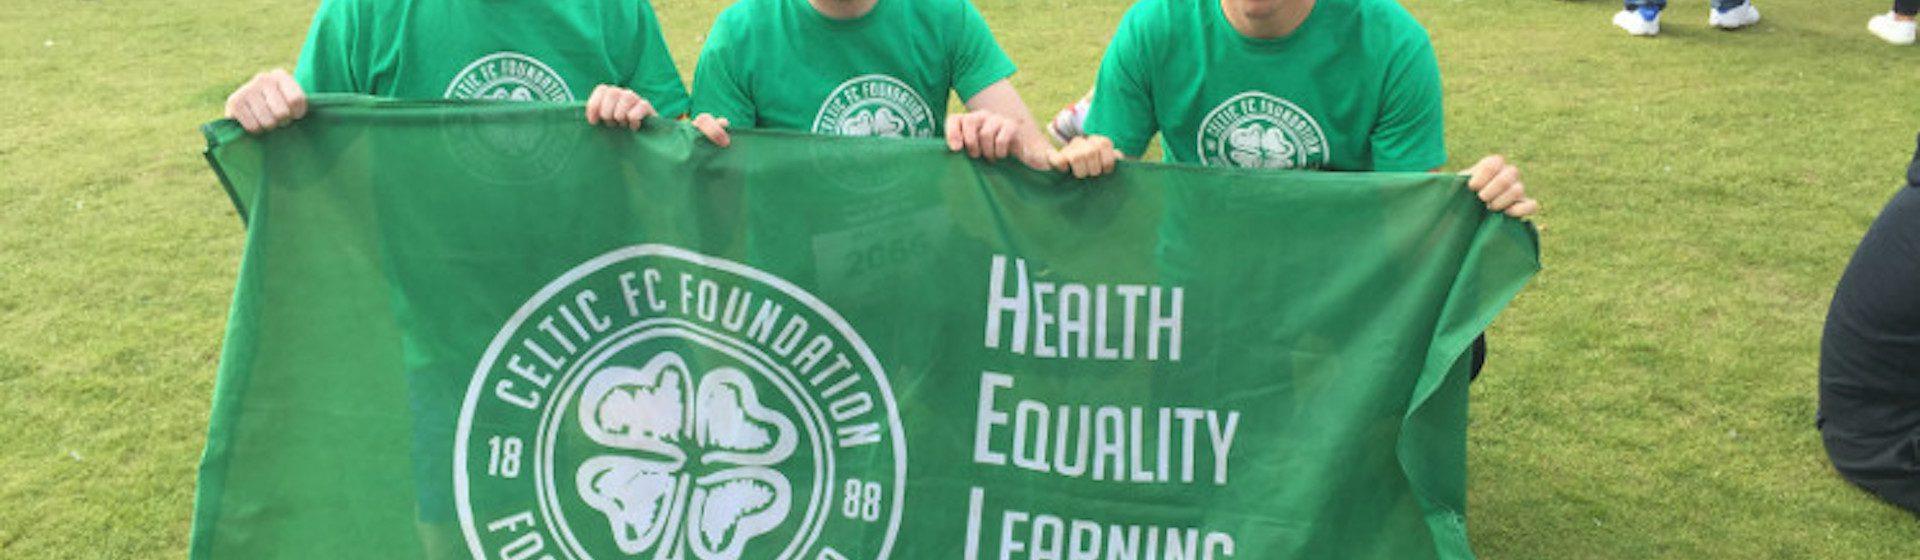 Celtic FC header